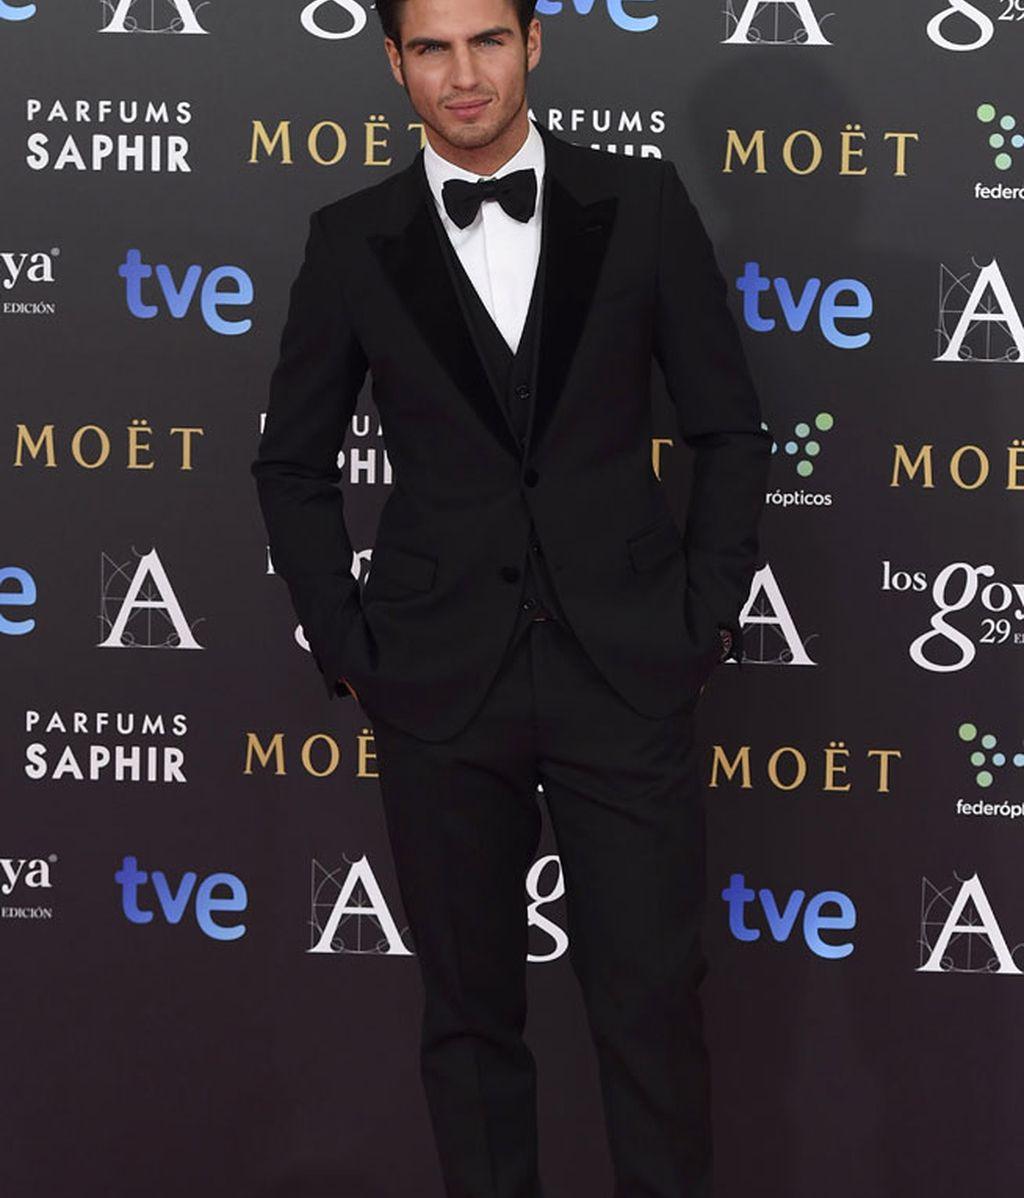 Maxi Iglesias de Dolce & Gabbana